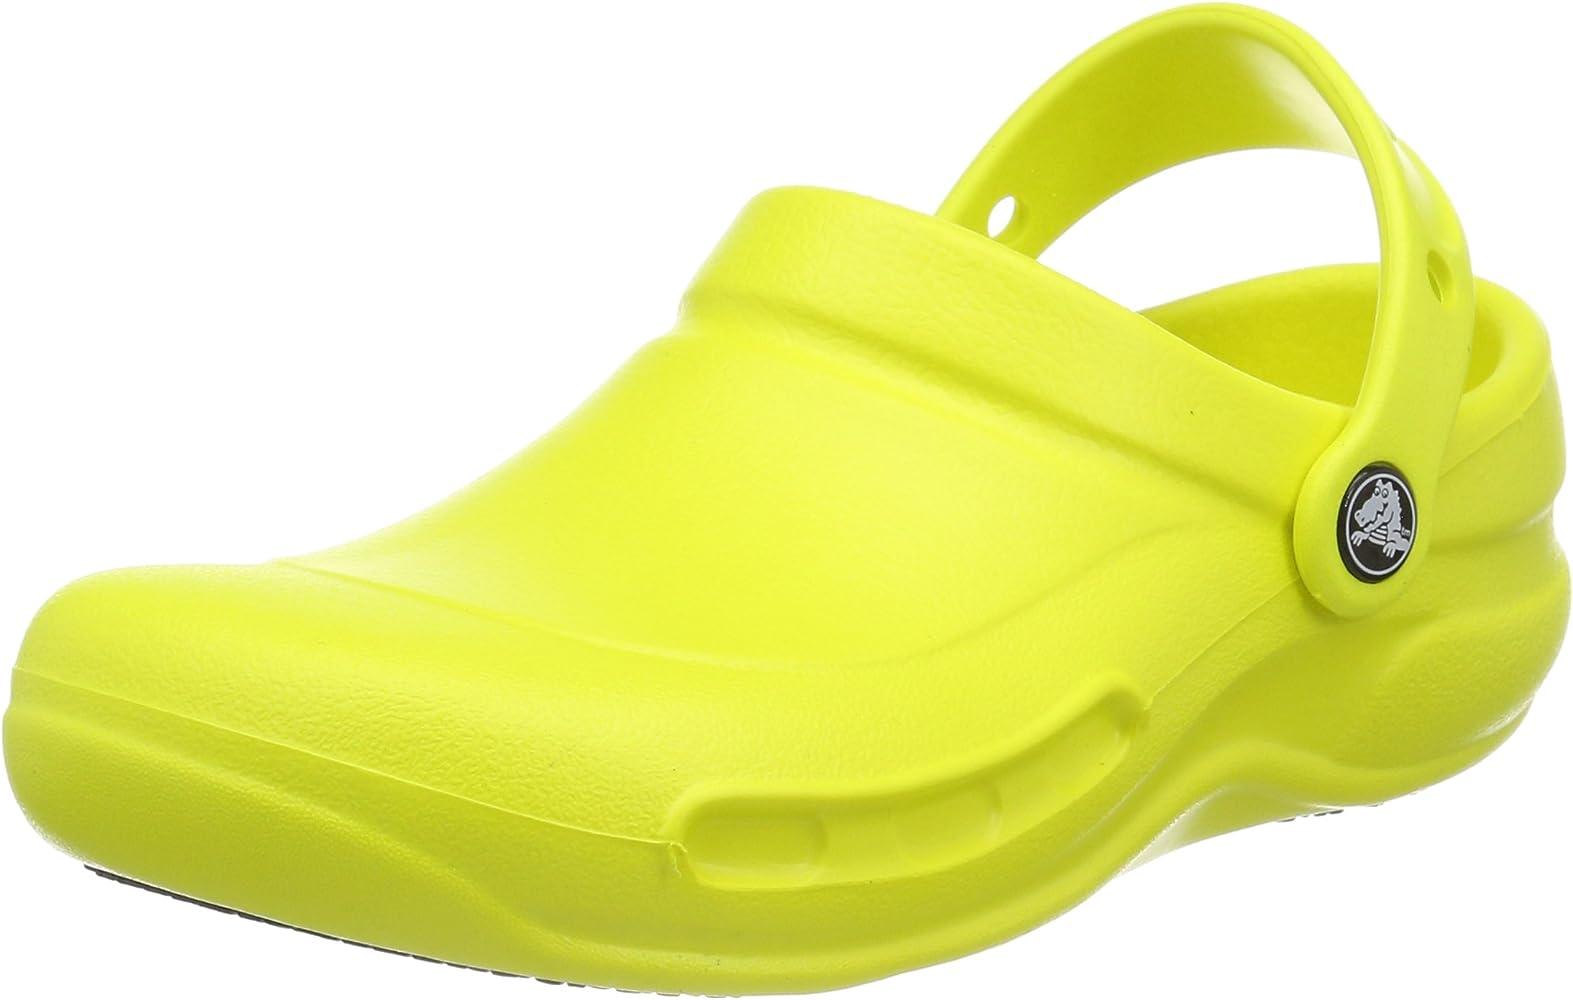 Crocs Unisex-Adult Bistro Clog Clog